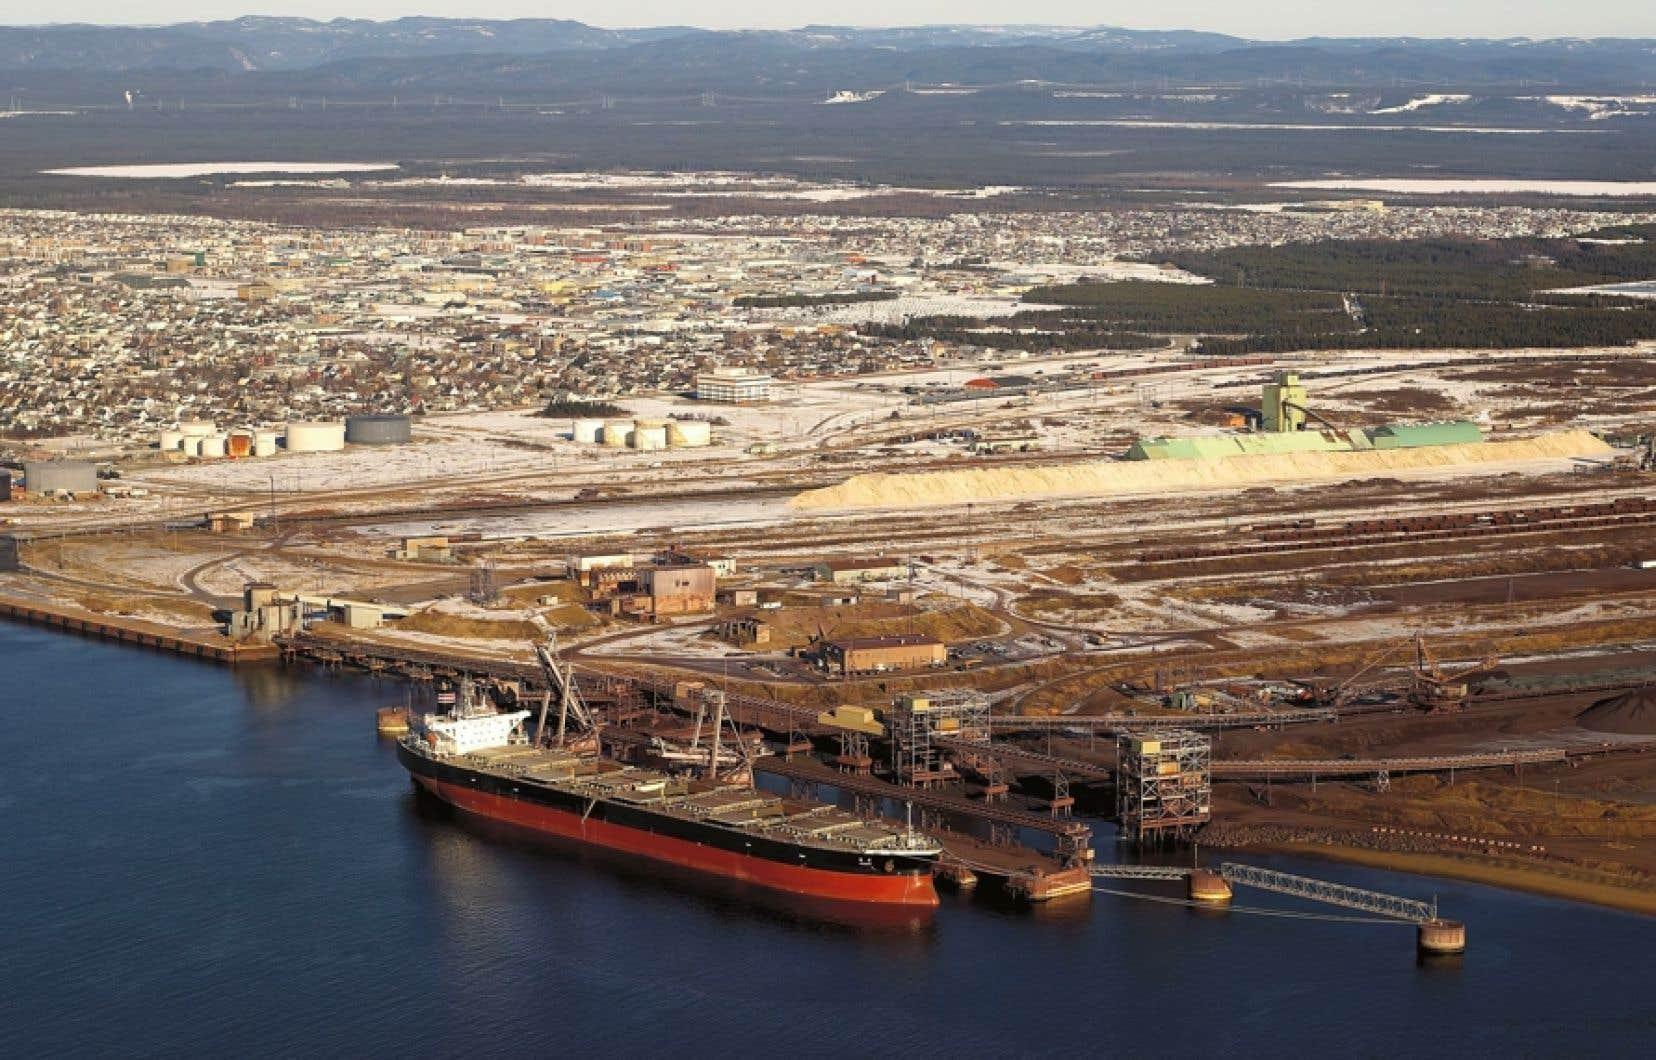 Les commissaires prennent acte de la controverse suscitée à Sept-Îles par rapport à ce projet, qui devait se développer dans les limites de la ville.